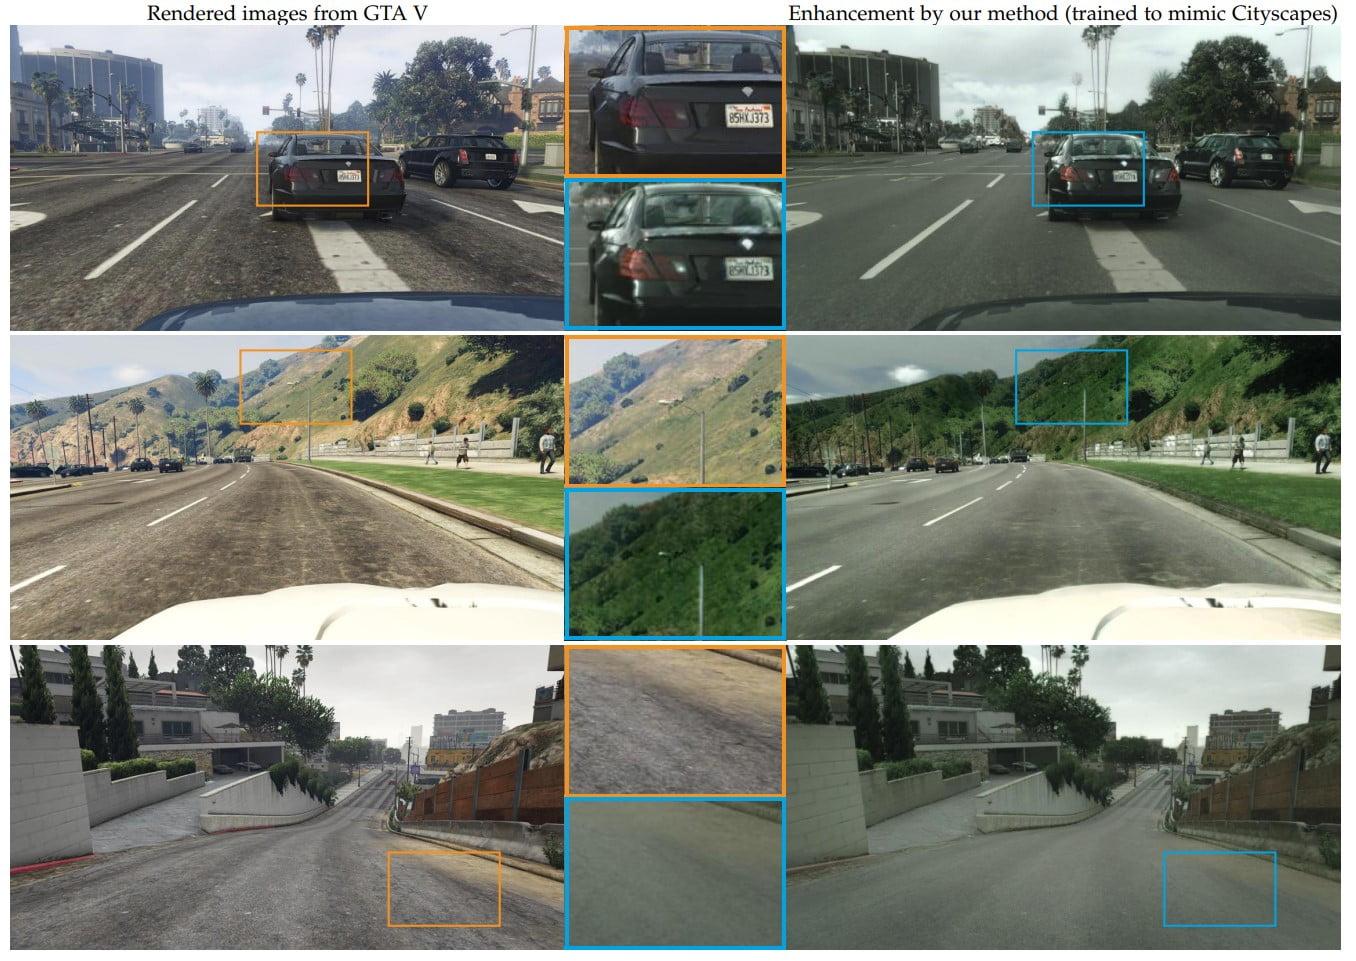 Die KI-Methode verleiht insbesondere den Autos, der Vegetation und den Straßentexturen eine fotorealistische Optik, weil diese Elemente in den Trainingsdaten besonders häufig auftauchen.   Bild: Intel Labs